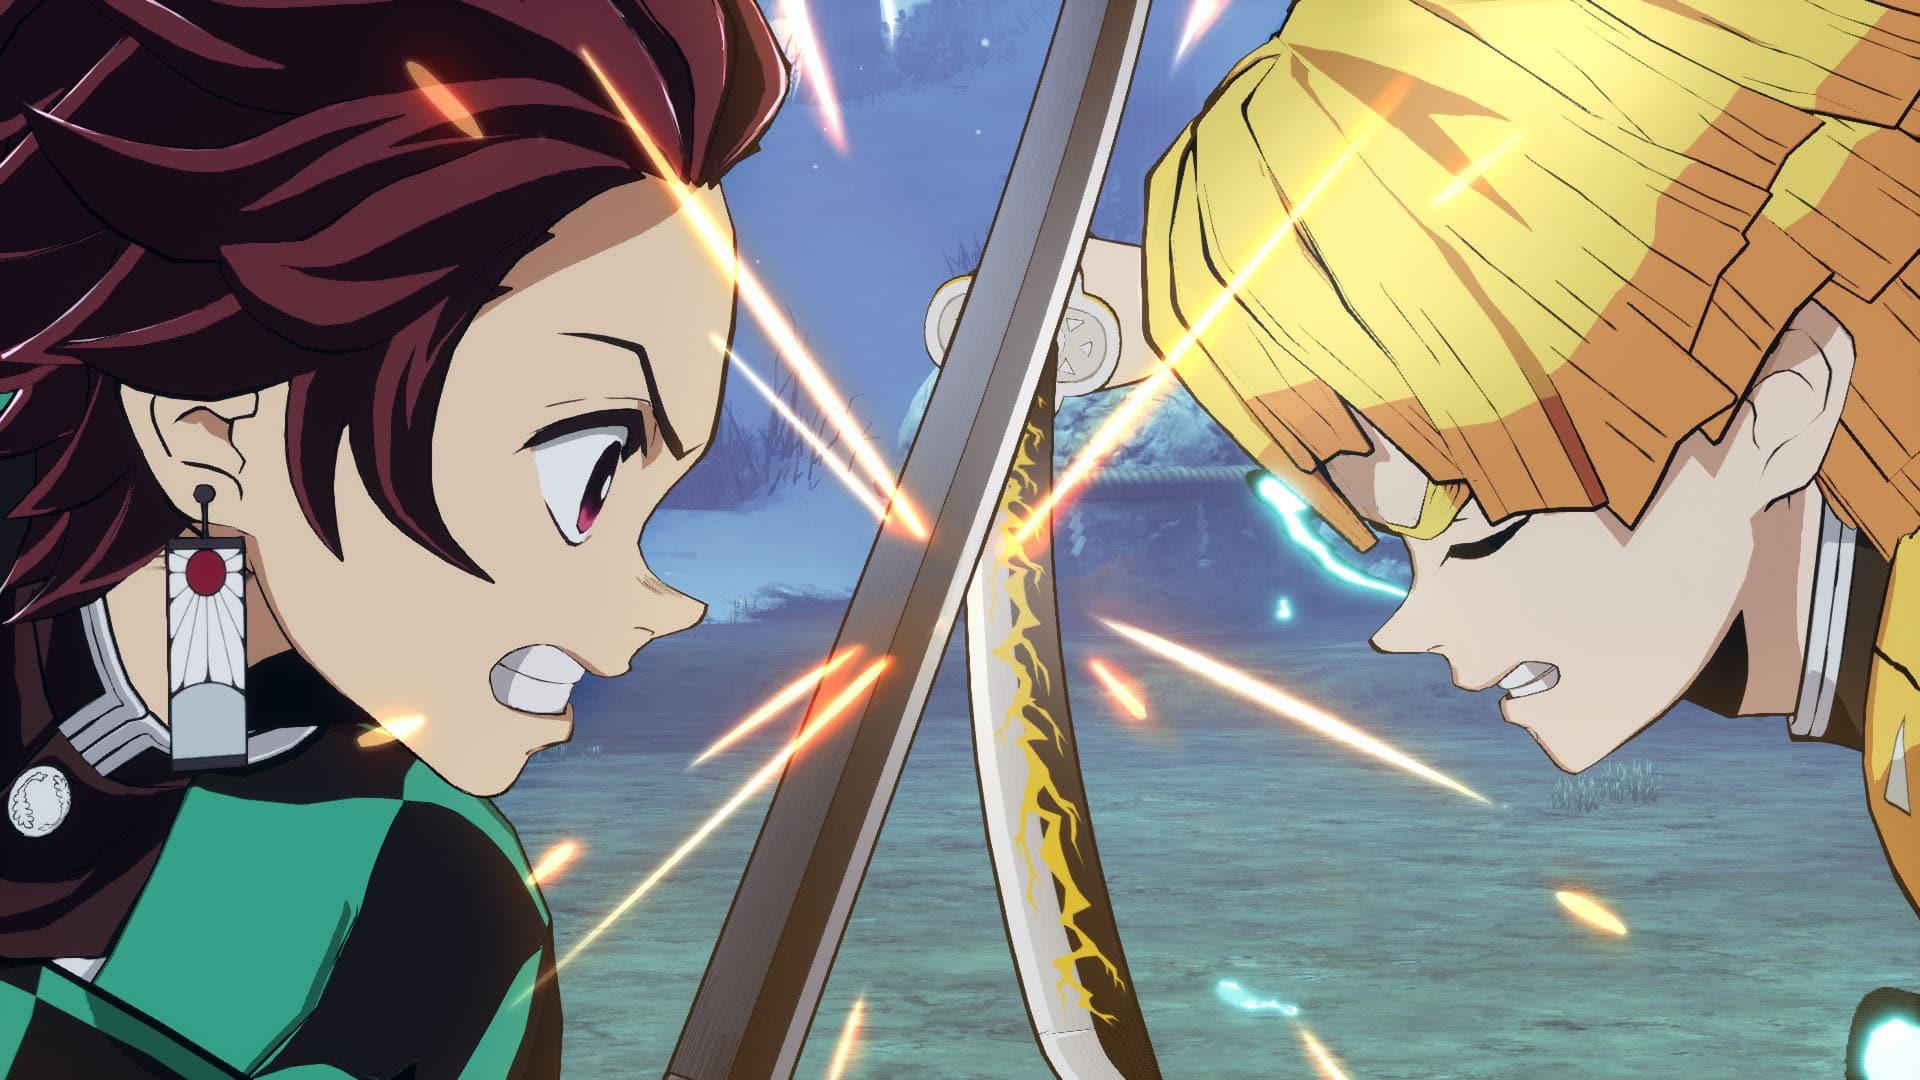 Tanjiro vs Zenitsu Captura del juego